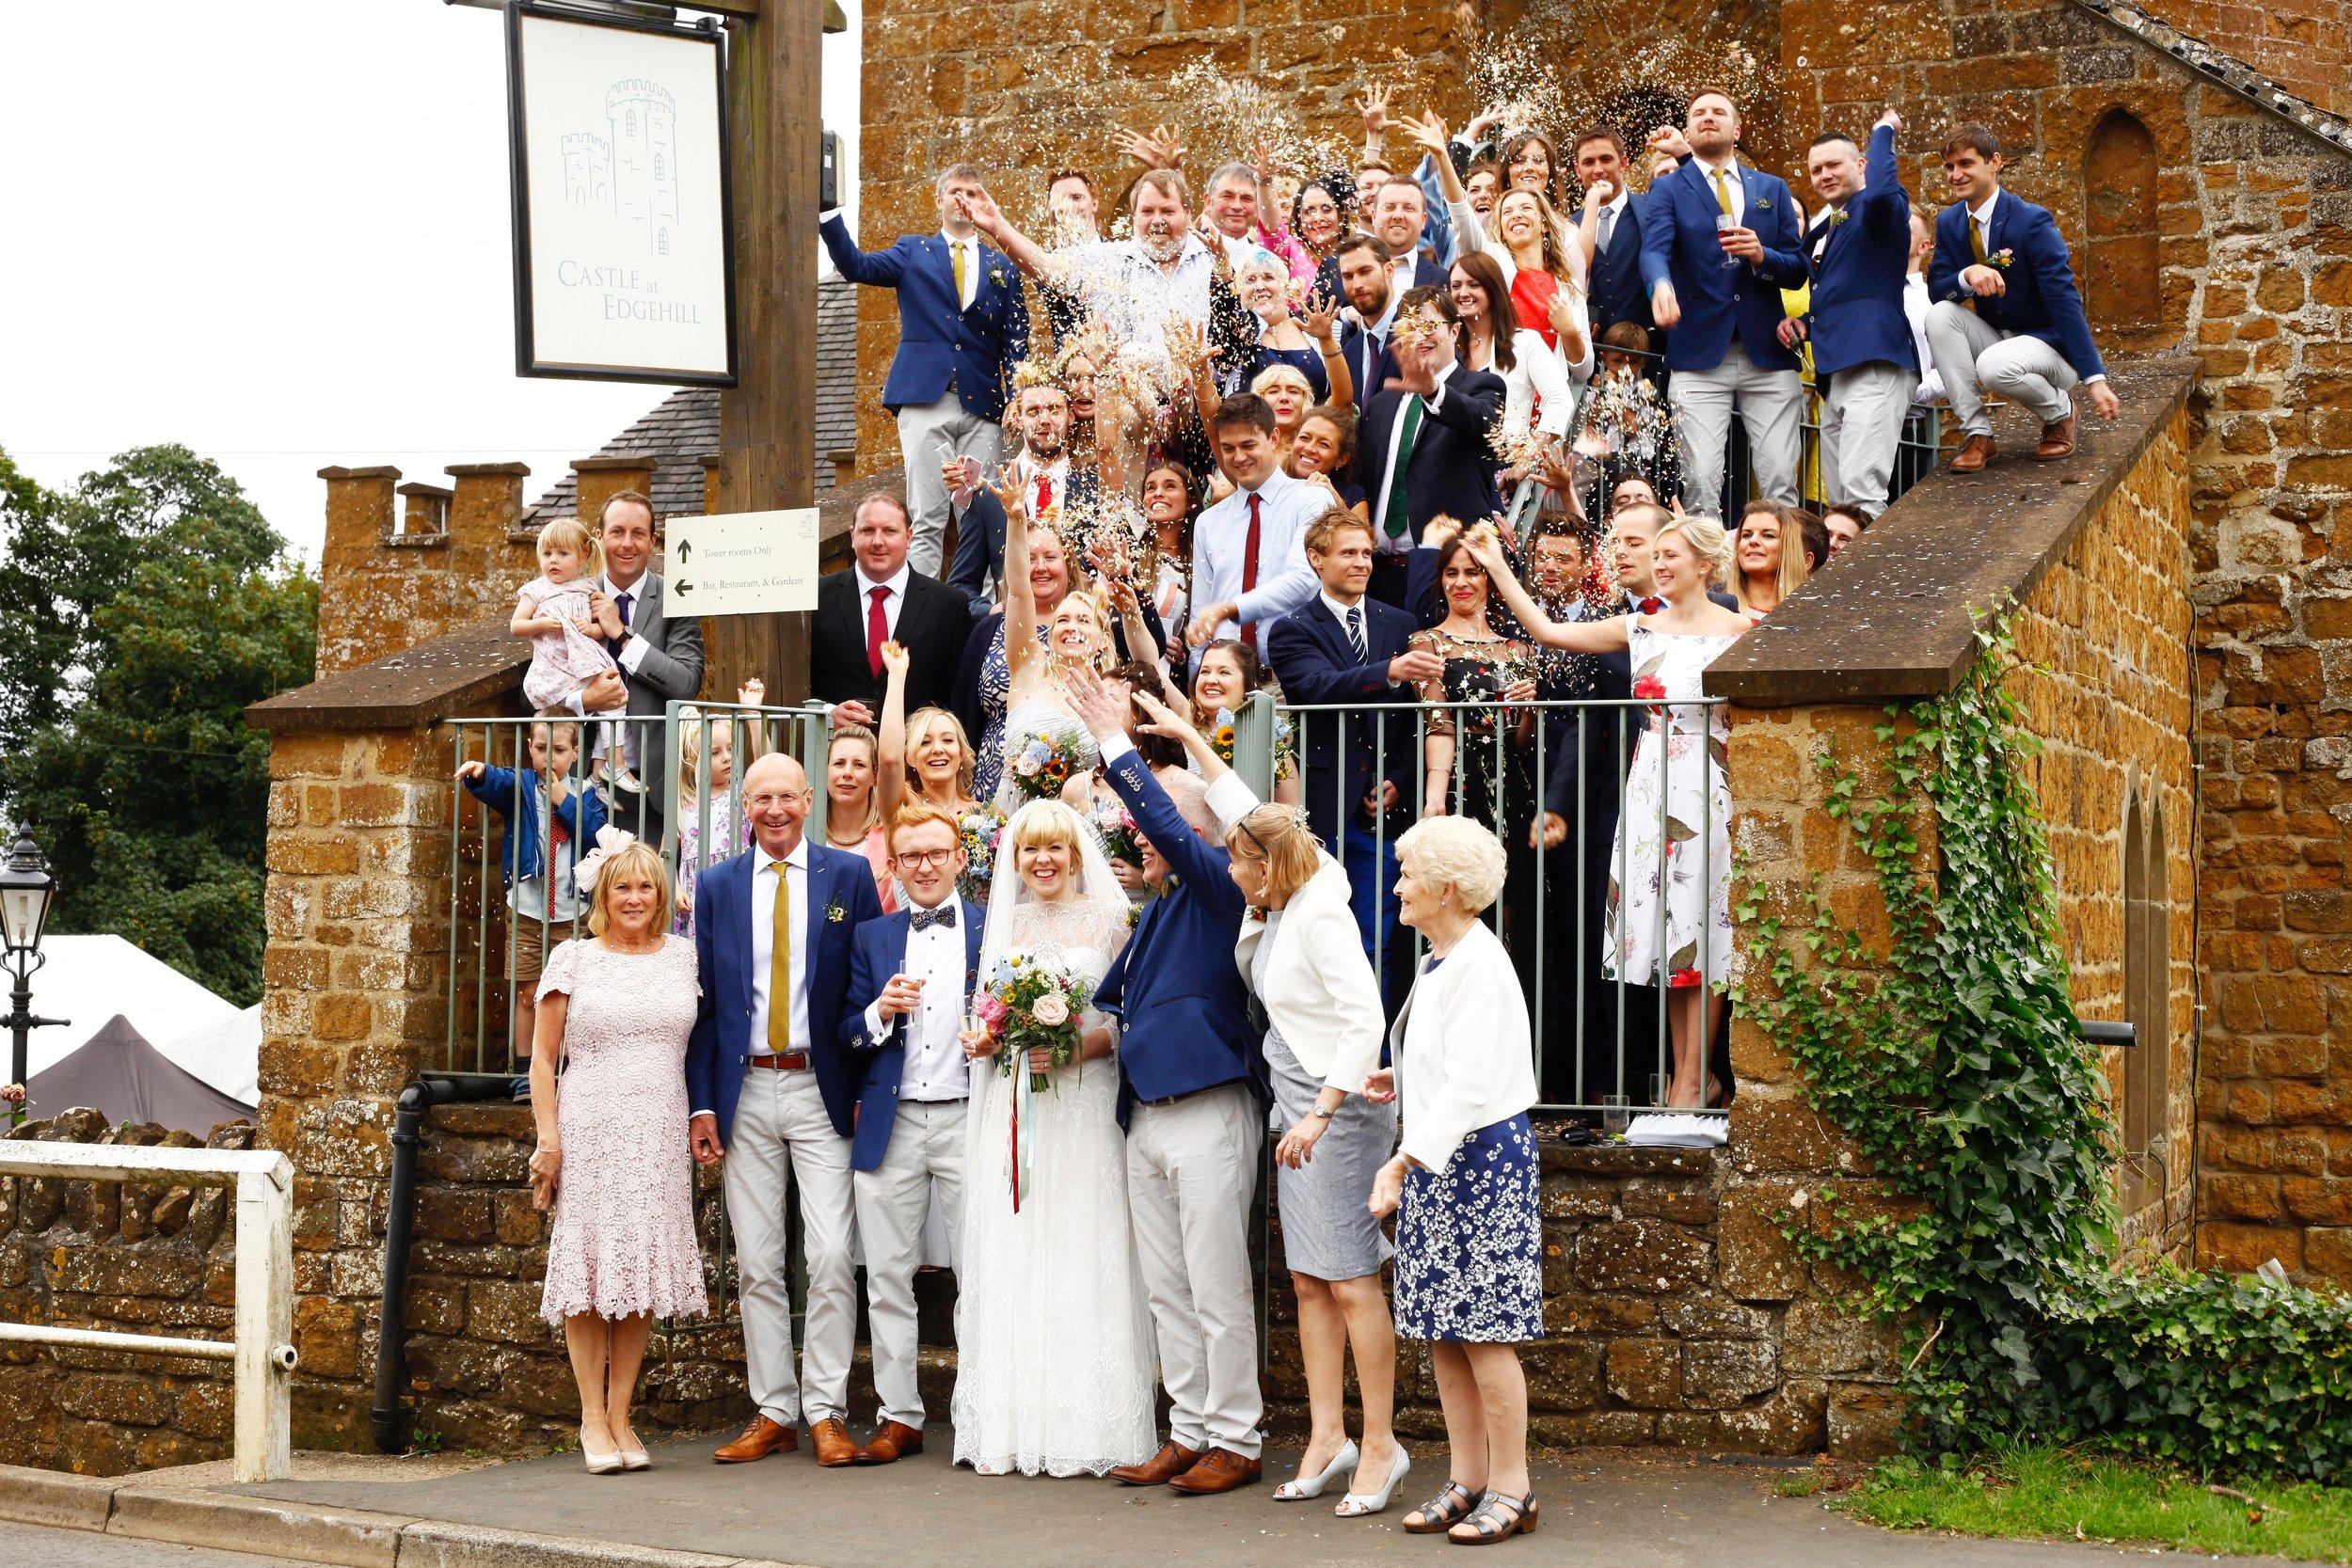 Dance floor at the best wedding venue in Banbury